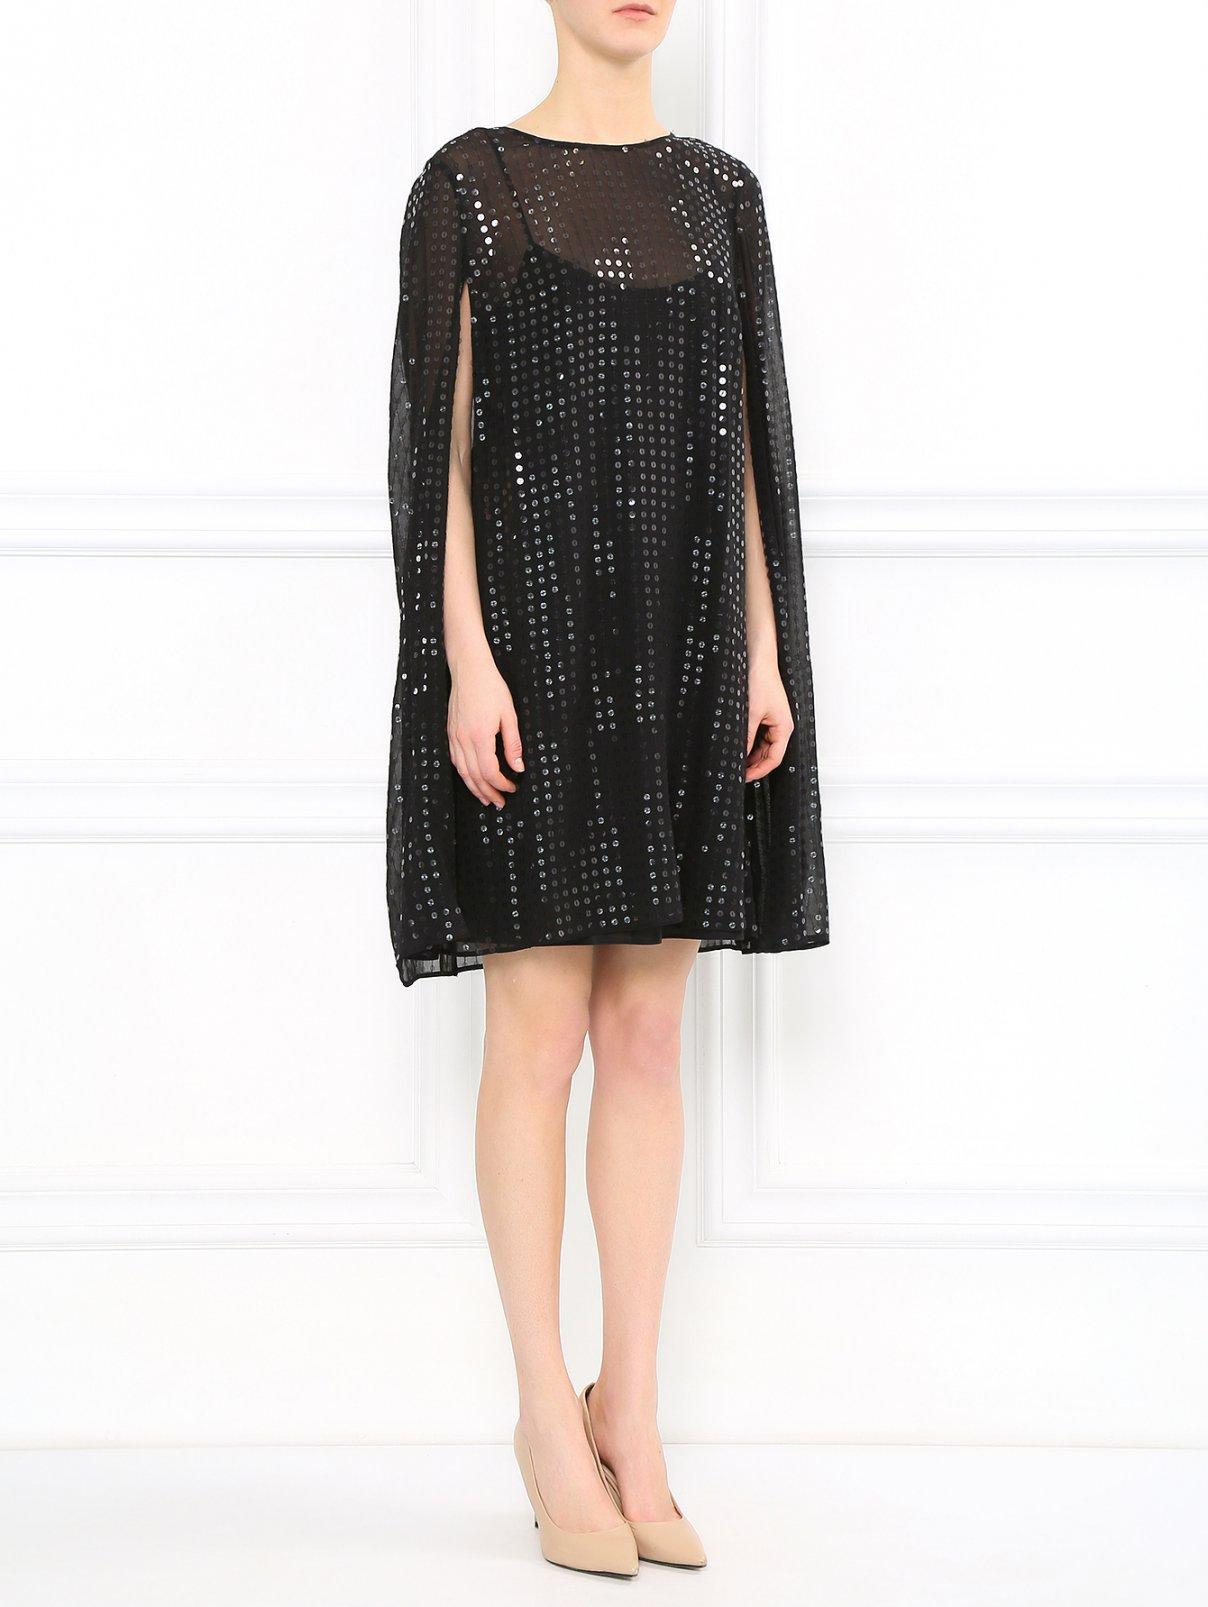 Платье свободного фасона из шелка декорированное пайетками Costume National  –  Модель Общий вид